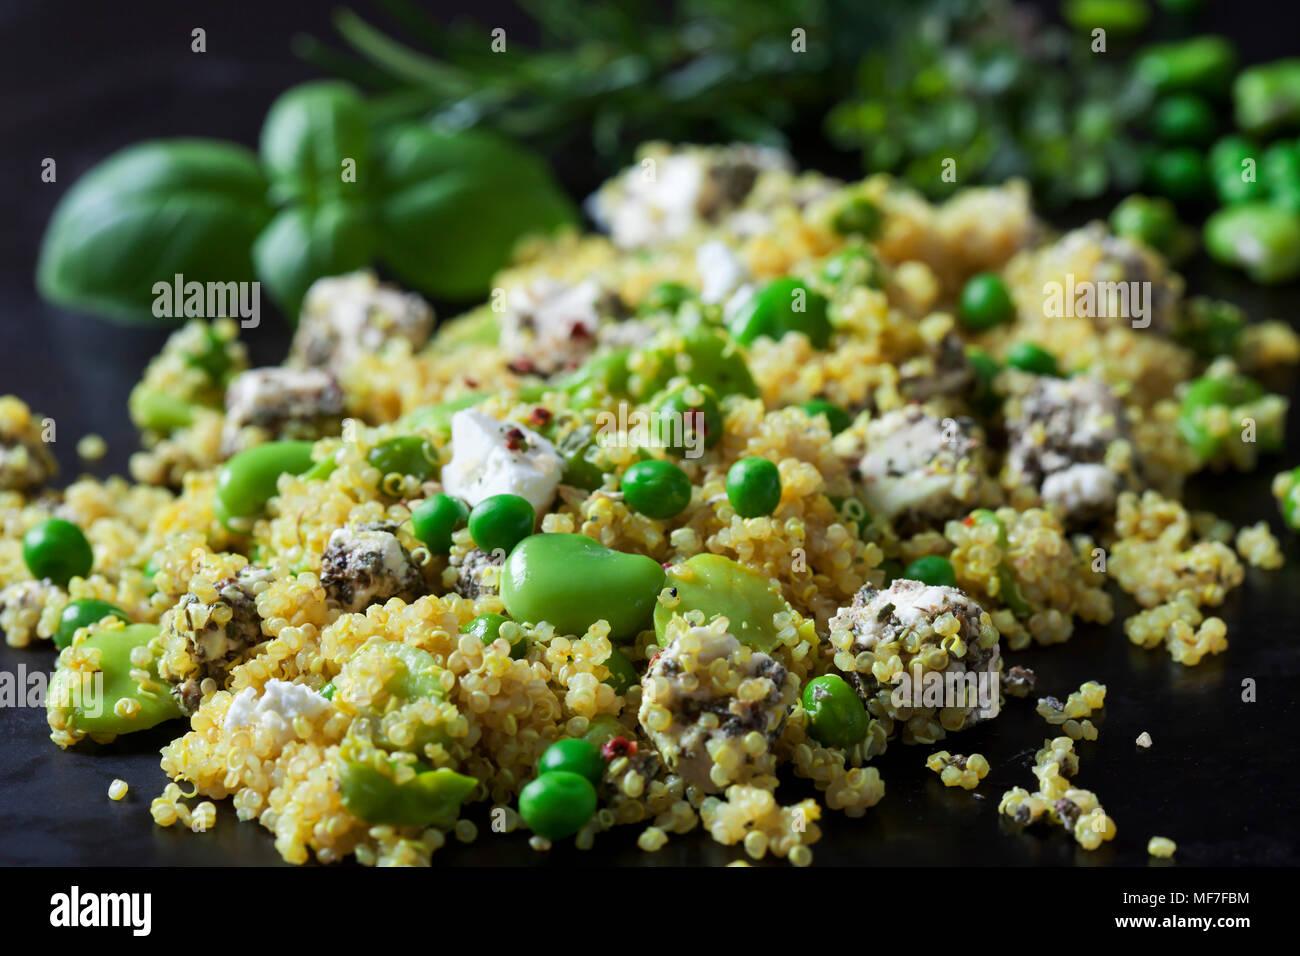 Ensalada de quinua con habas, guisantes y queso feta, close-up Imagen De Stock